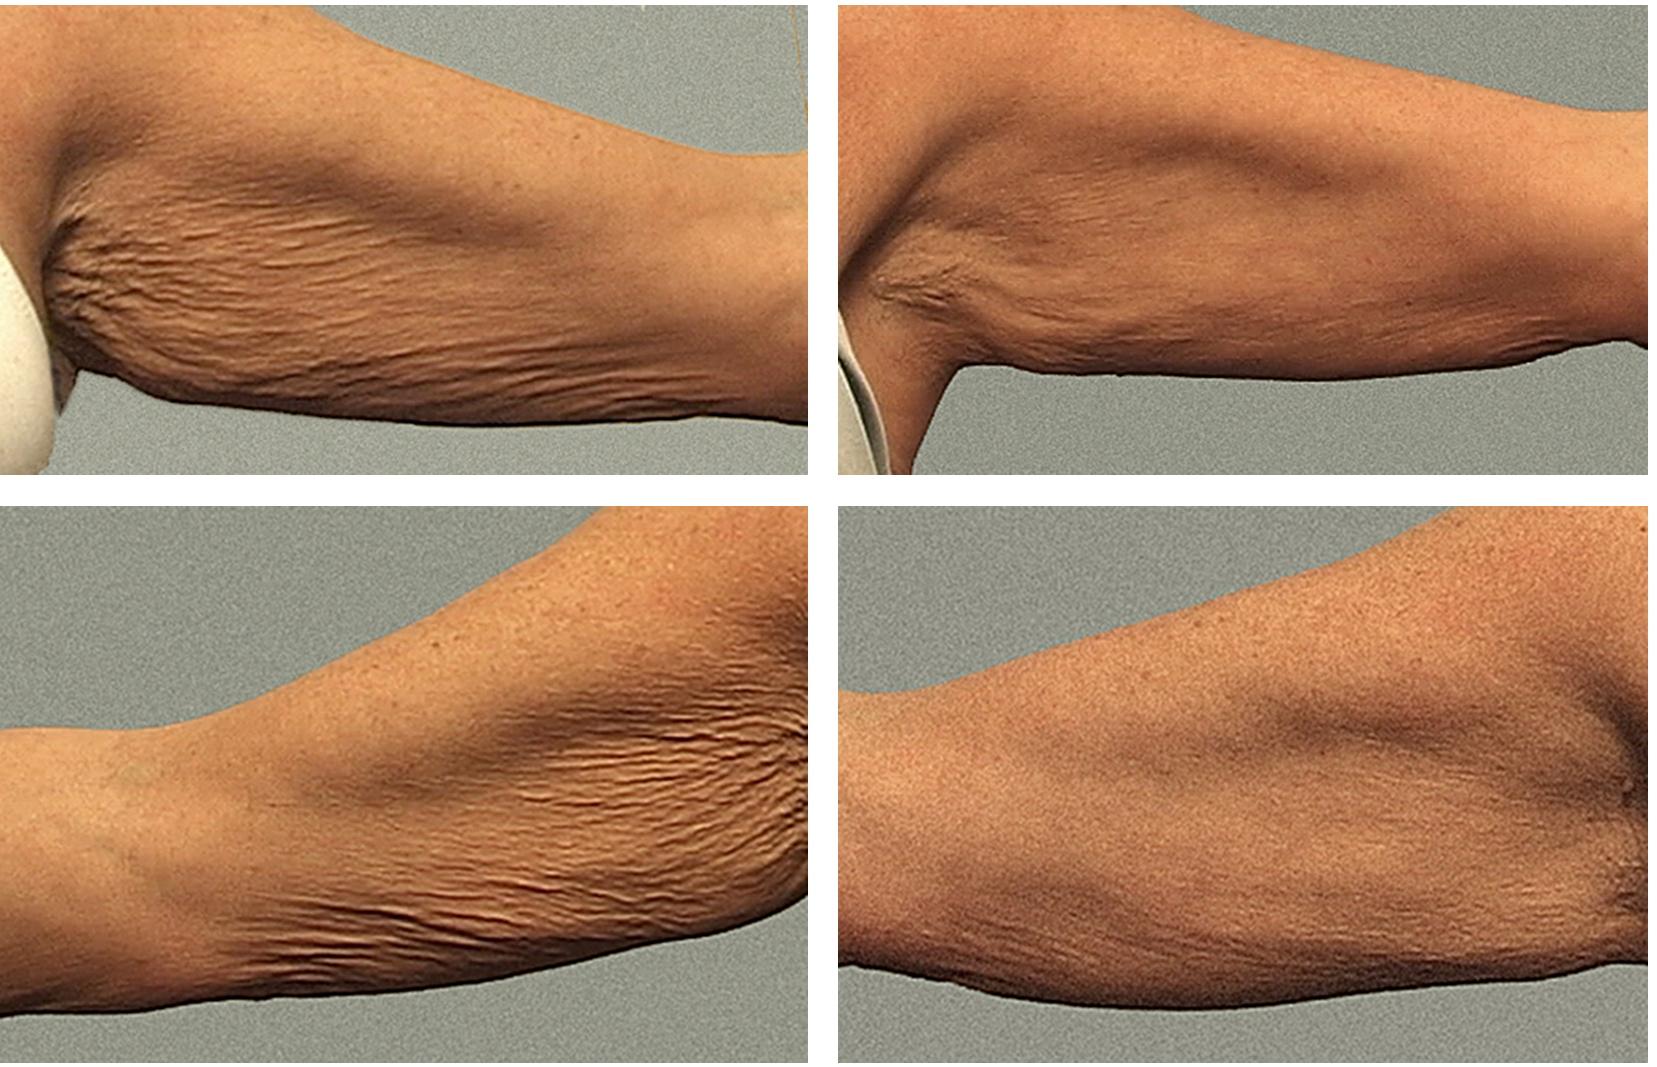 Daži veidi, kā savilkt ādu pēc svara samazināšanas